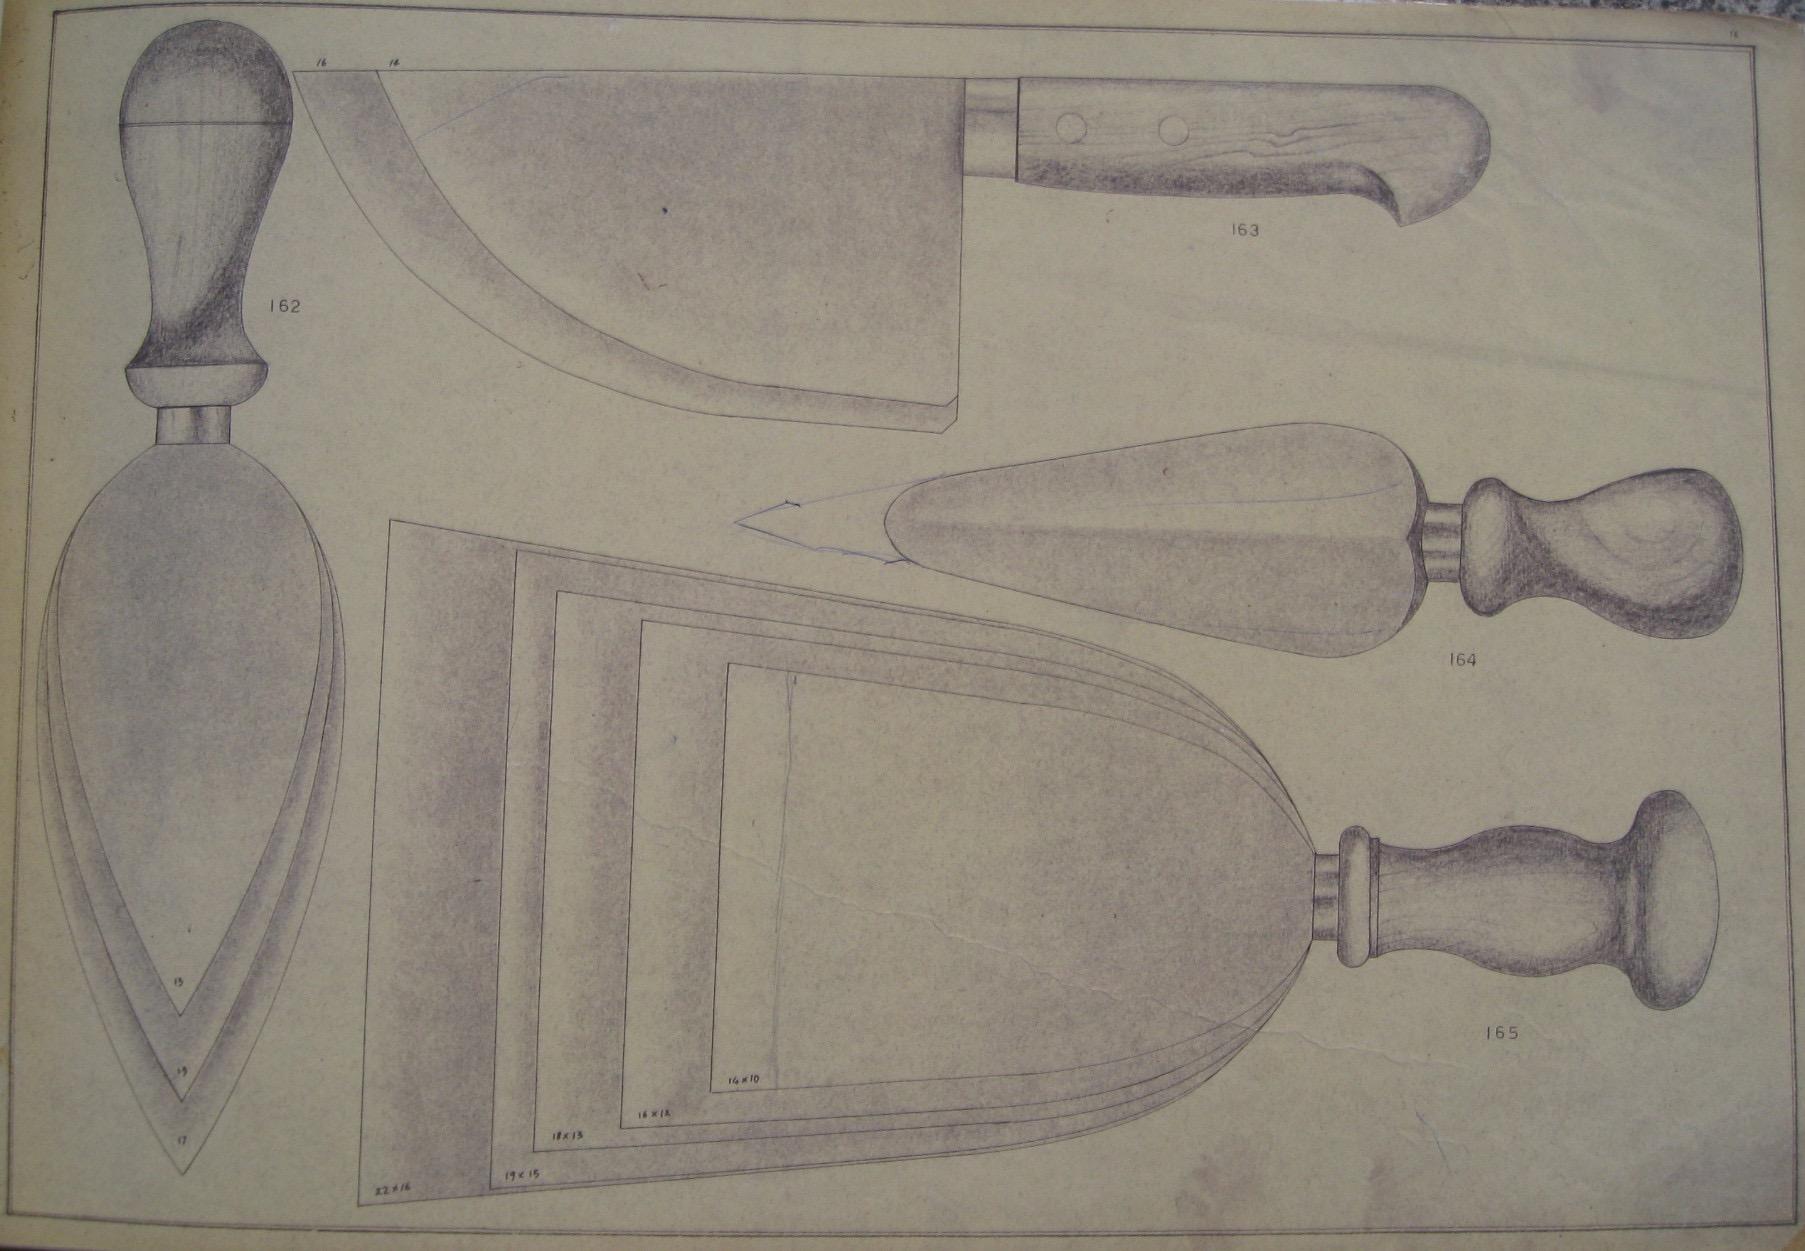 Coltelli per formaggi, dal catalogo Due Ancore del 1953